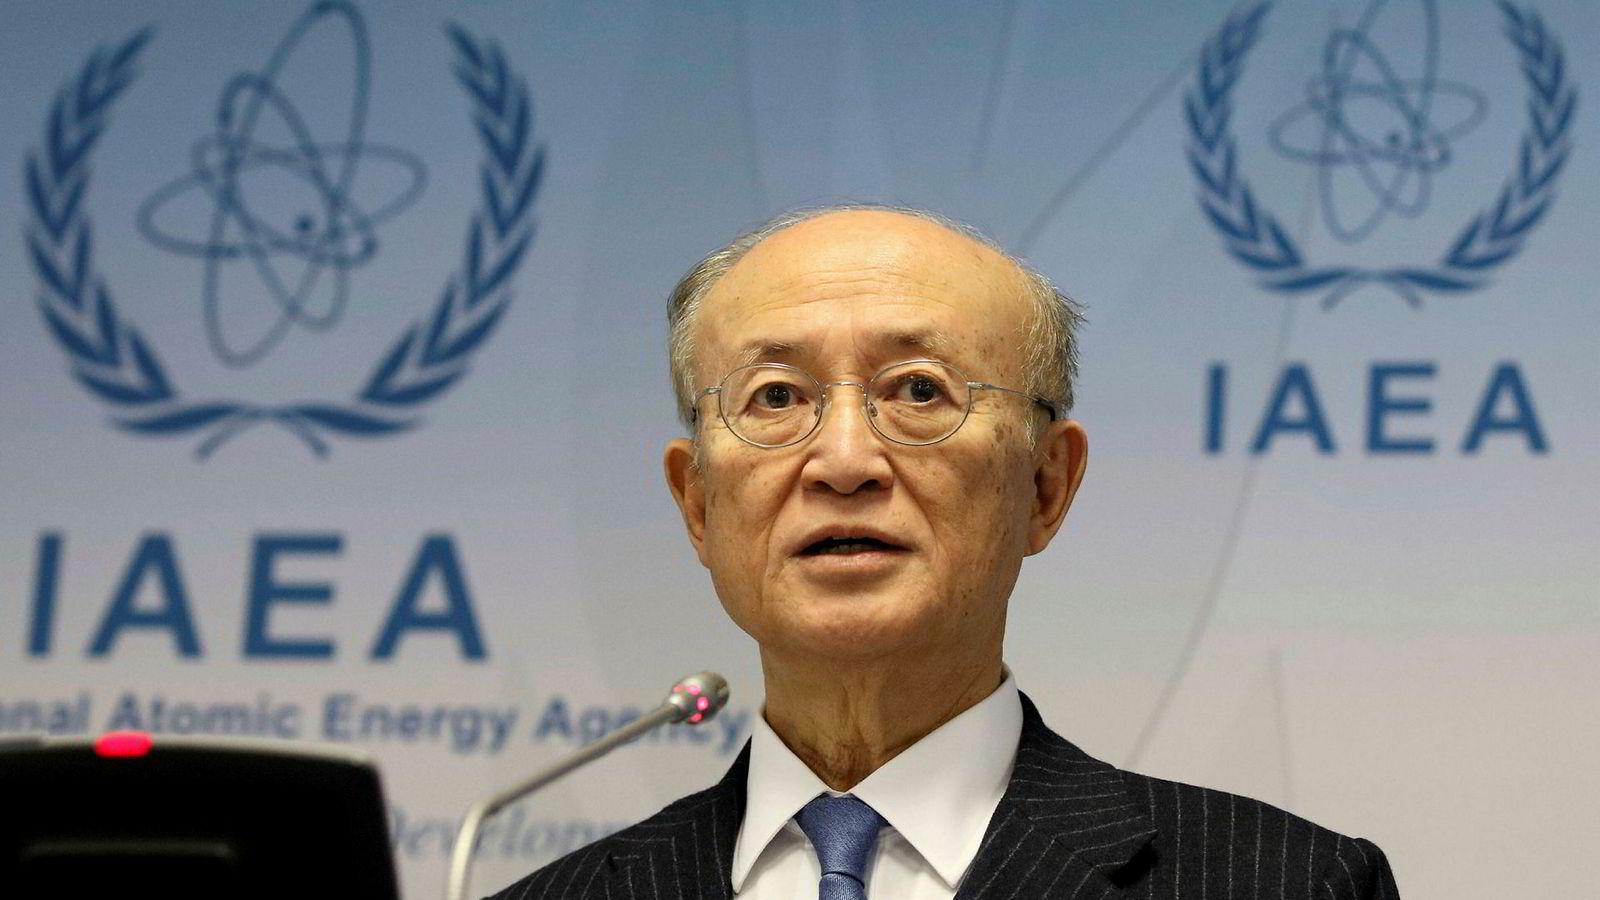 Energibyråets leder Yukiya Amano skal på onsdagens krisemøte informere representant om de siste funnene om Irans atomprogram.